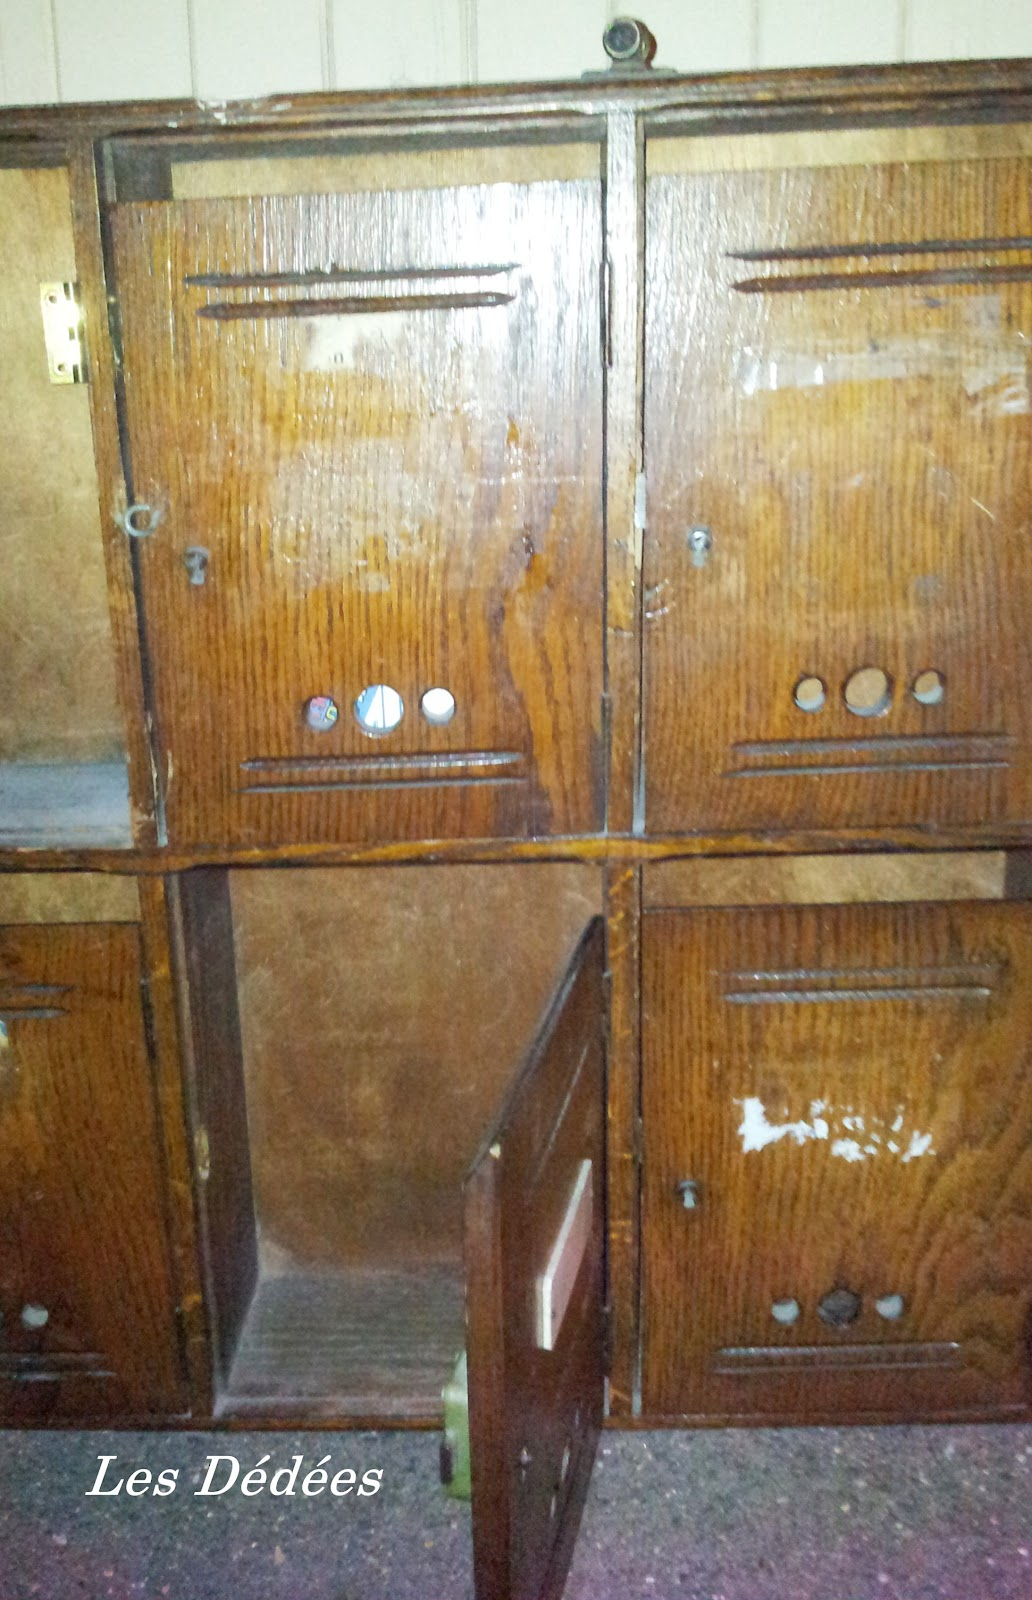 Boite aux lettres en bois ancienne - Vieille boite aux lettres ...